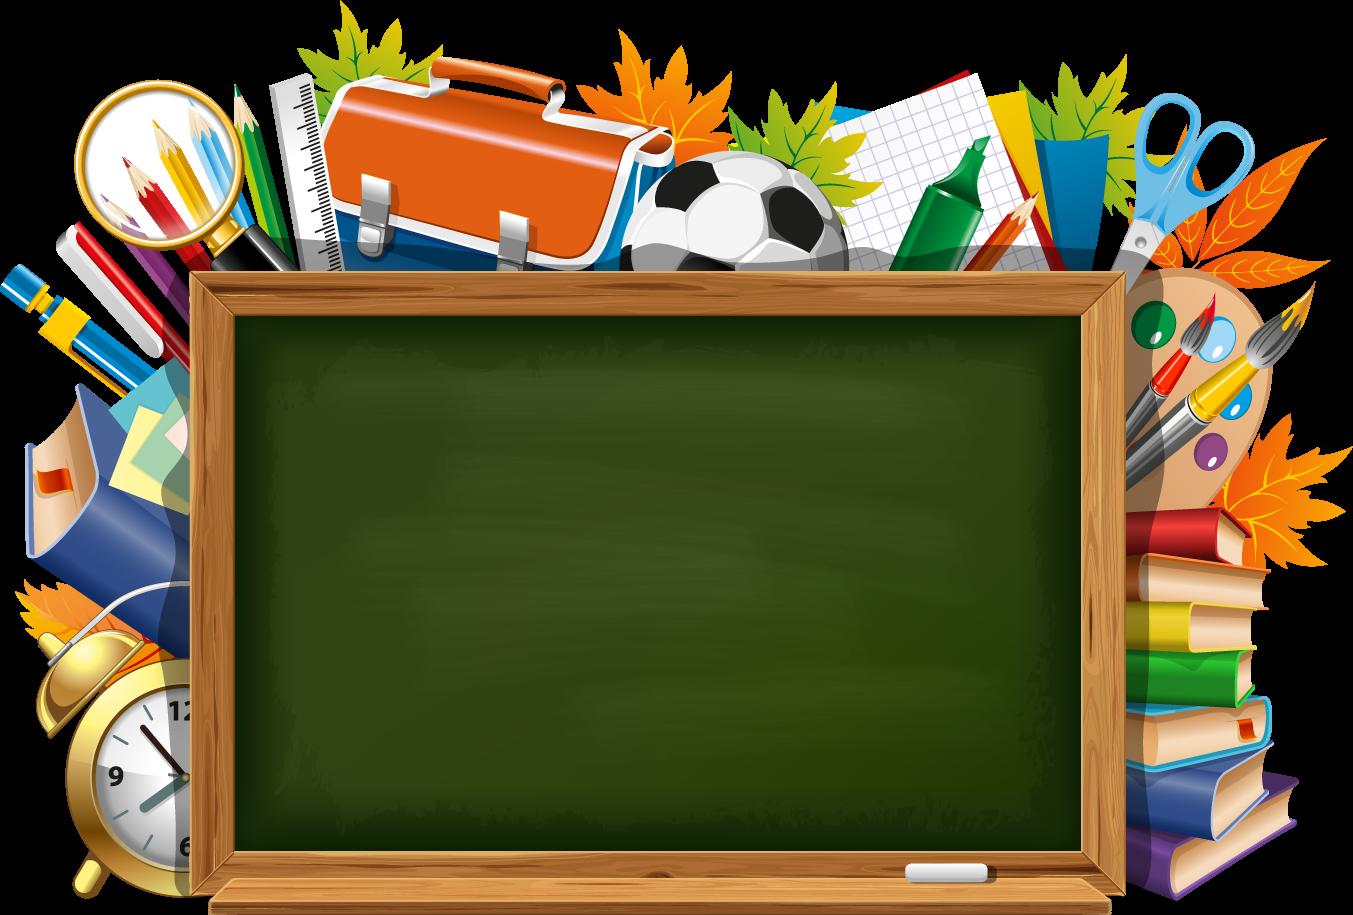 Картинки школьной доски для презентации